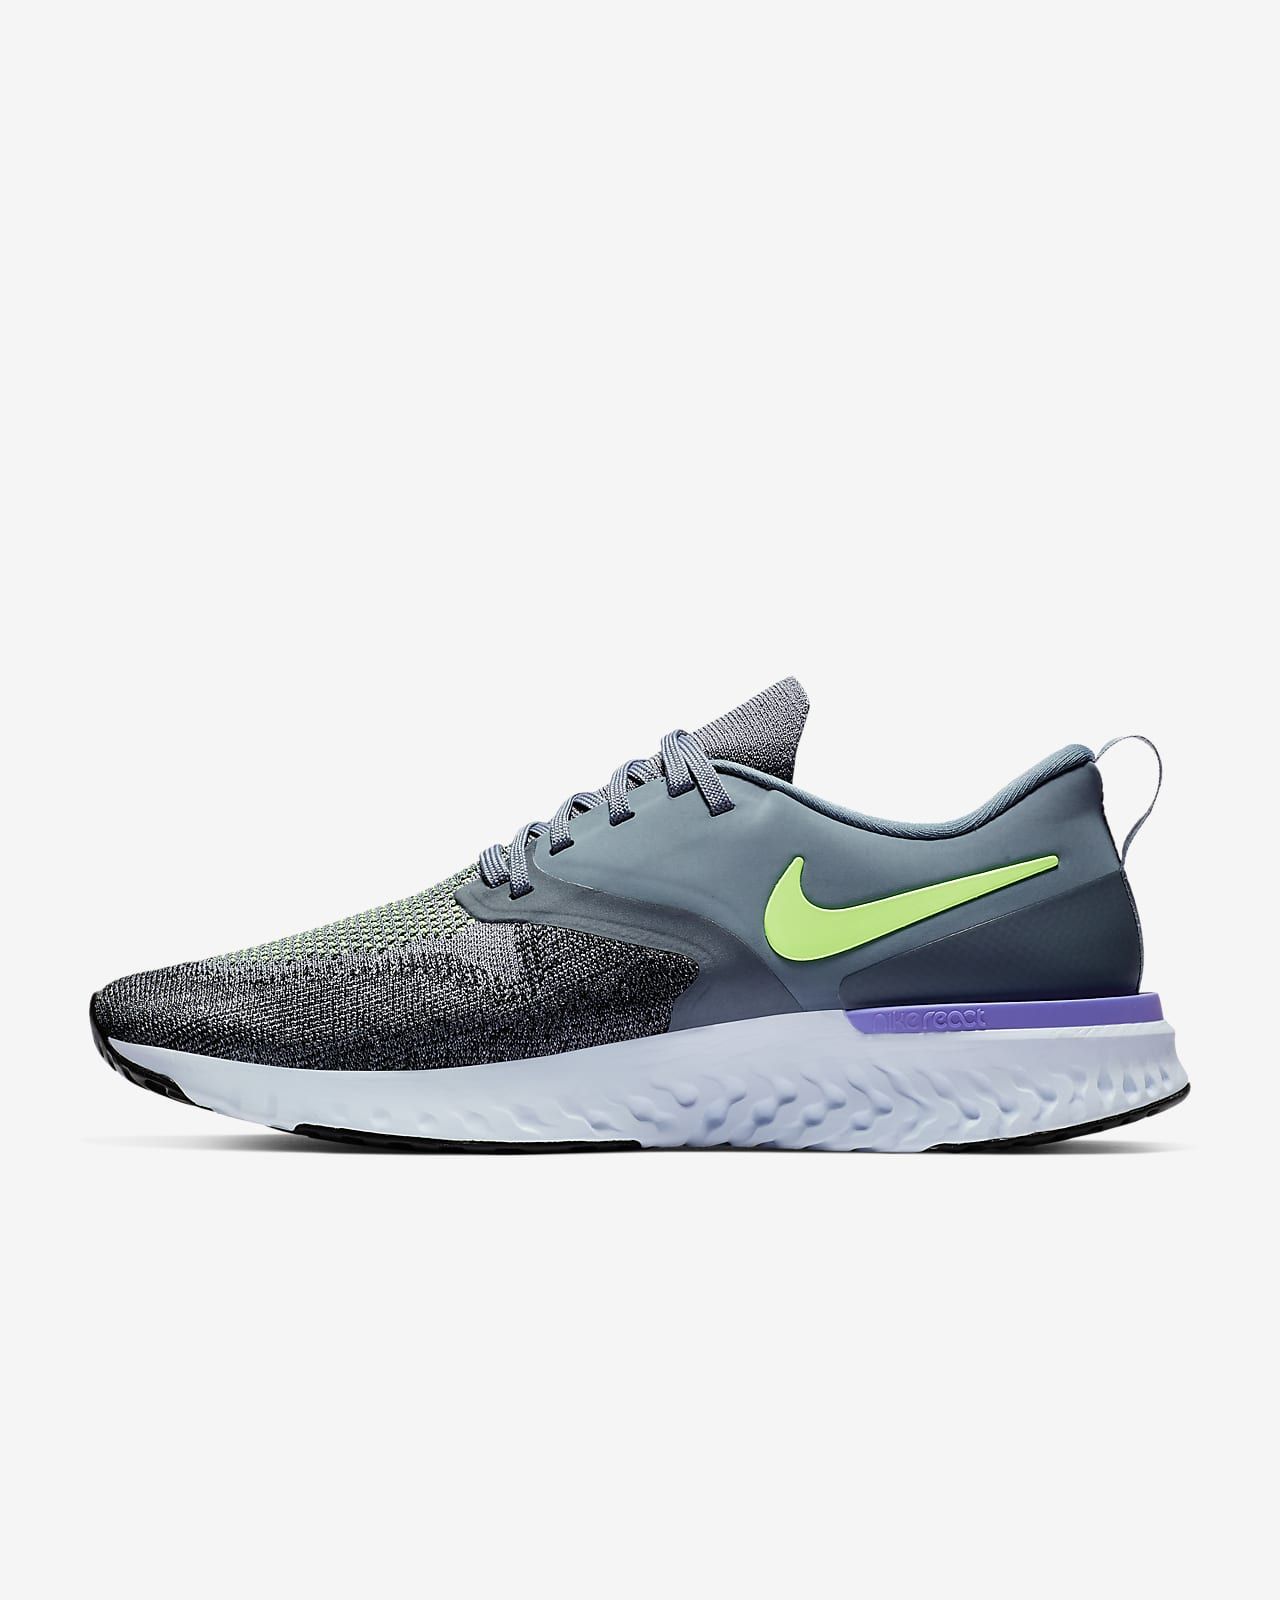 Nike Odyssey React Flyknit 2 Men's